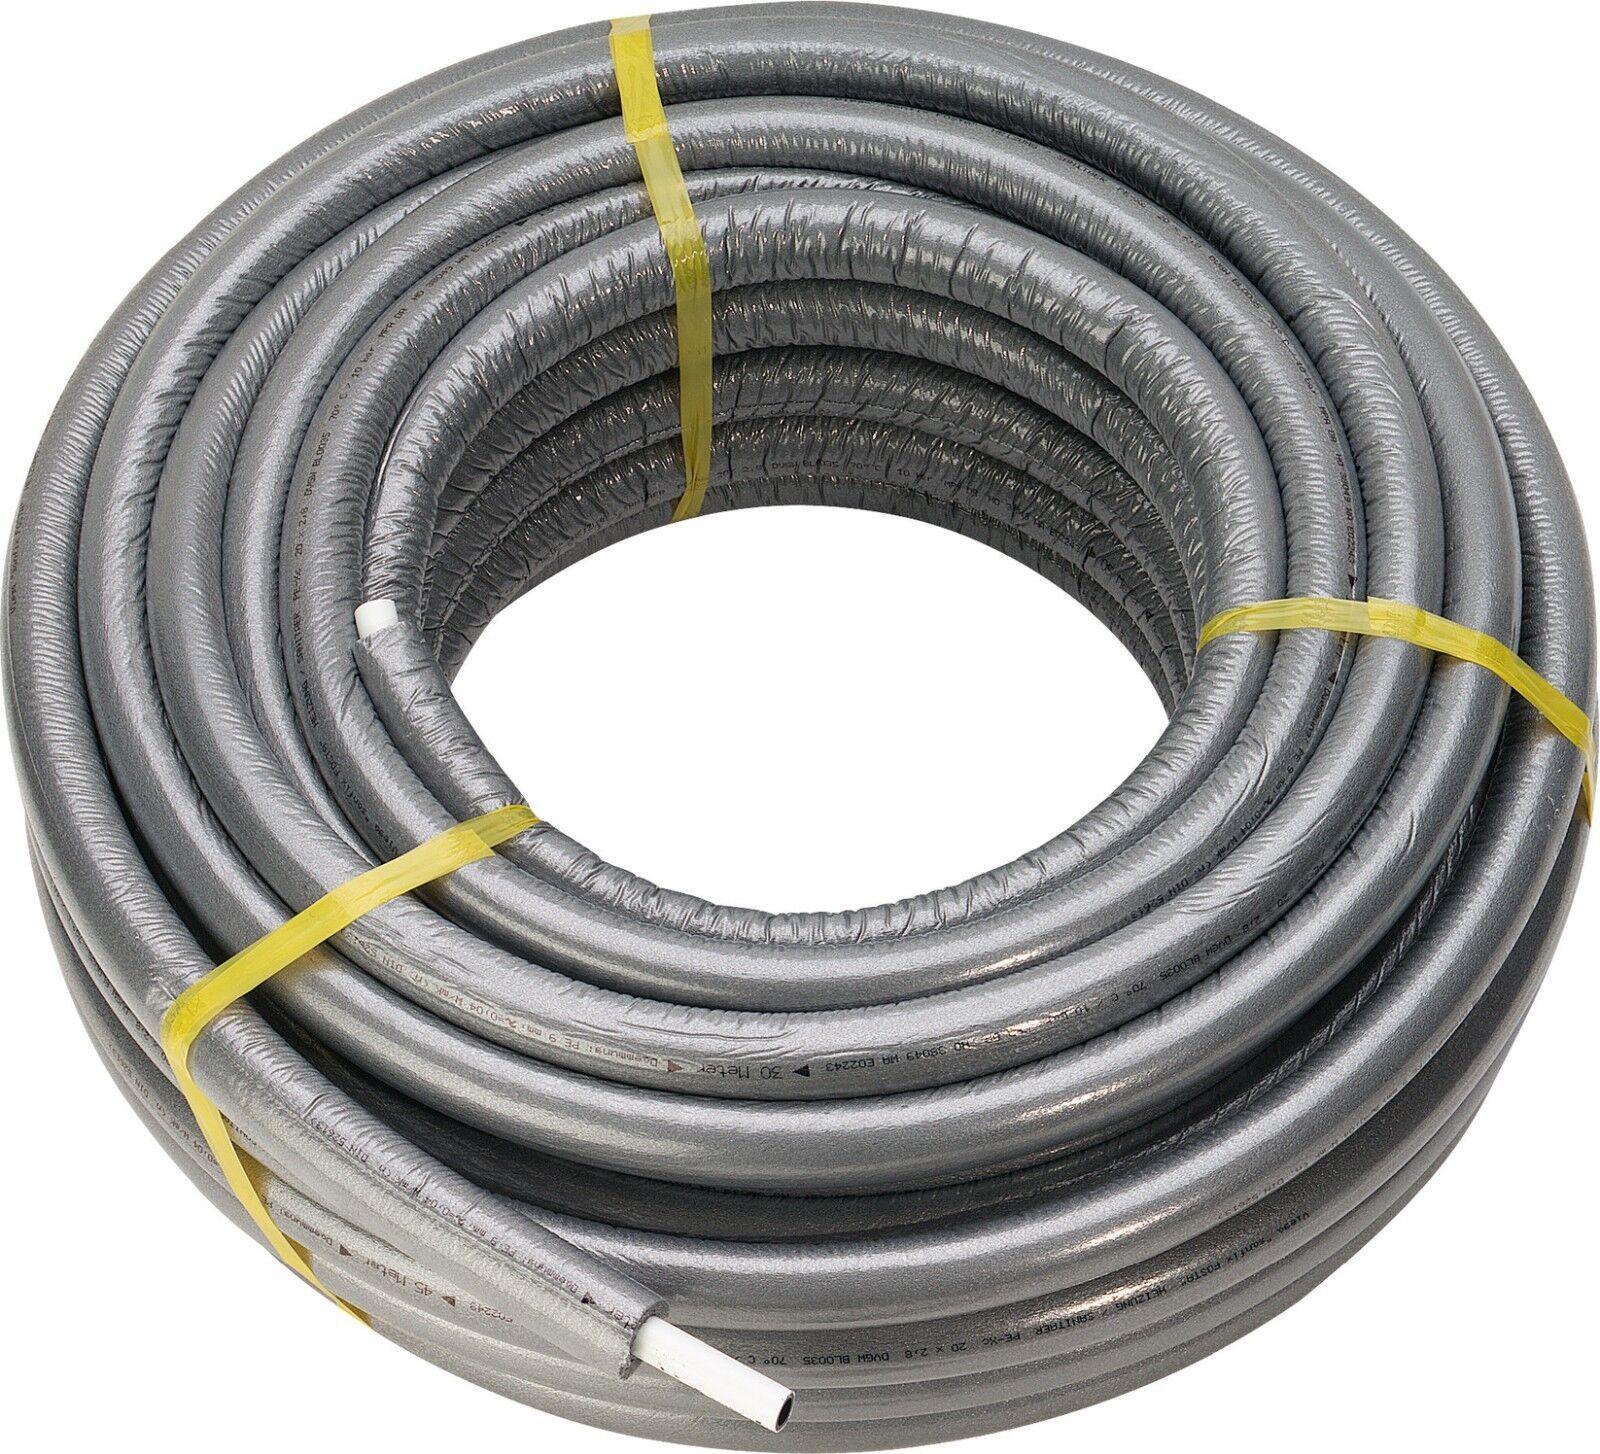 PE-Xc-Rohr Sanfix 16 x 2.2mm und 20 x 2.8mm je 50m m.9mm Dämmung  Isolierung